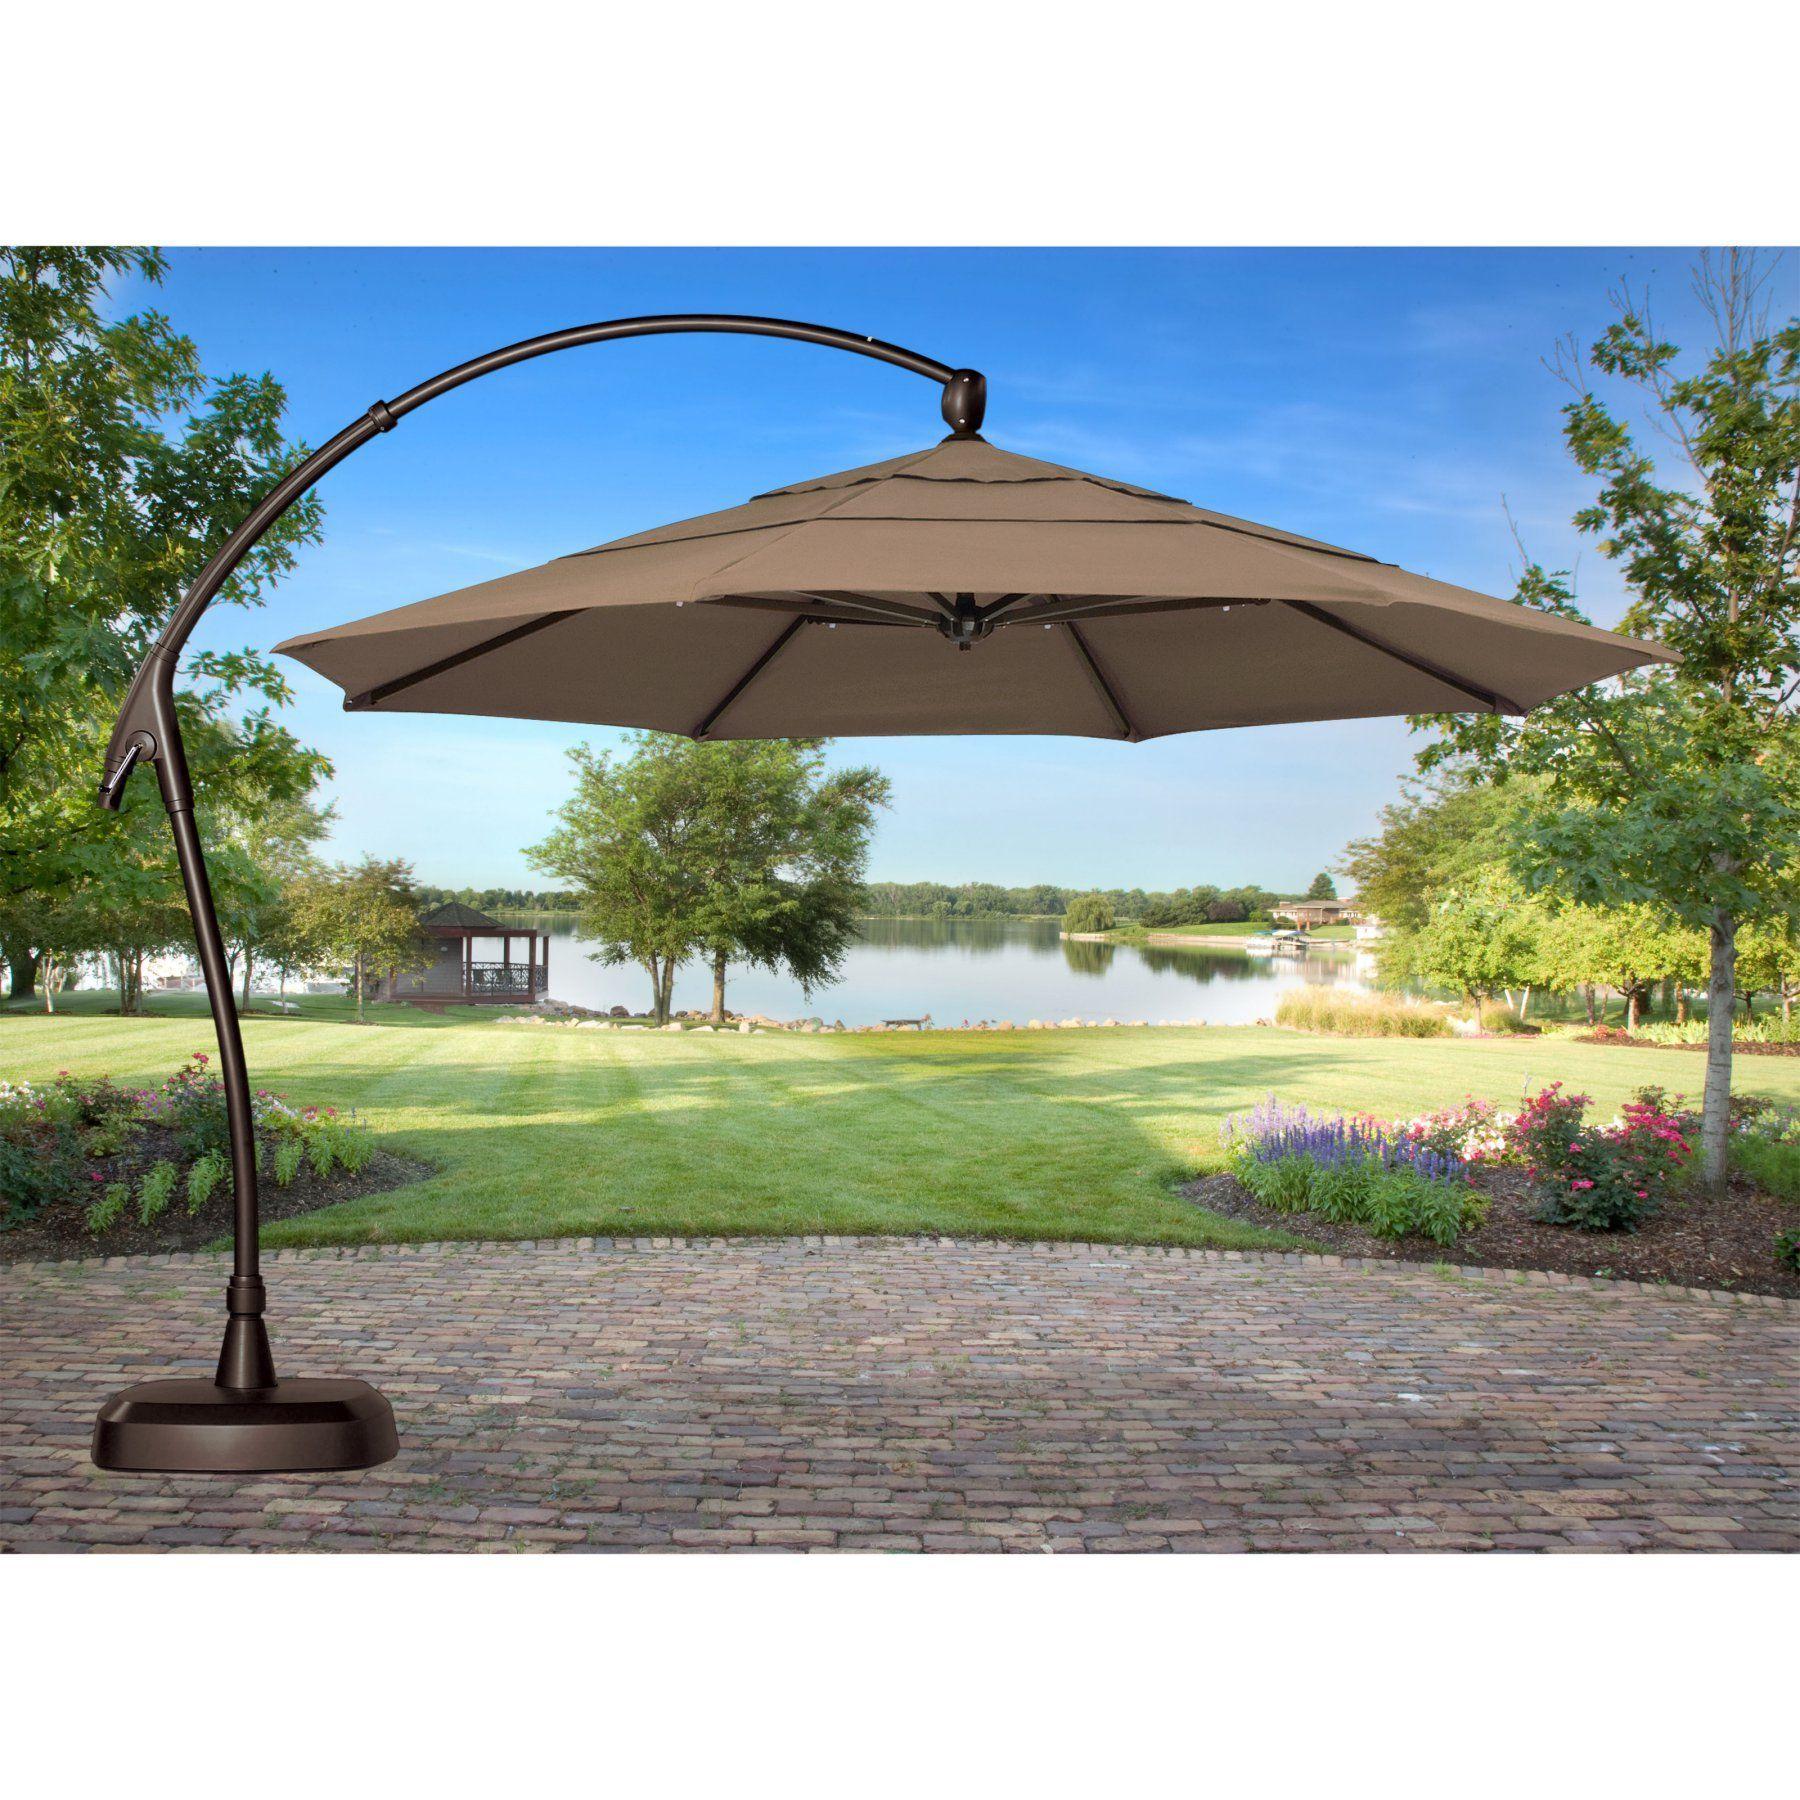 Treasure Garden 11 Ft Cantilever Offset Sunbrella Patio Umbrella With Base Re240 Patio Umbrella Patio Large Patio Umbrellas